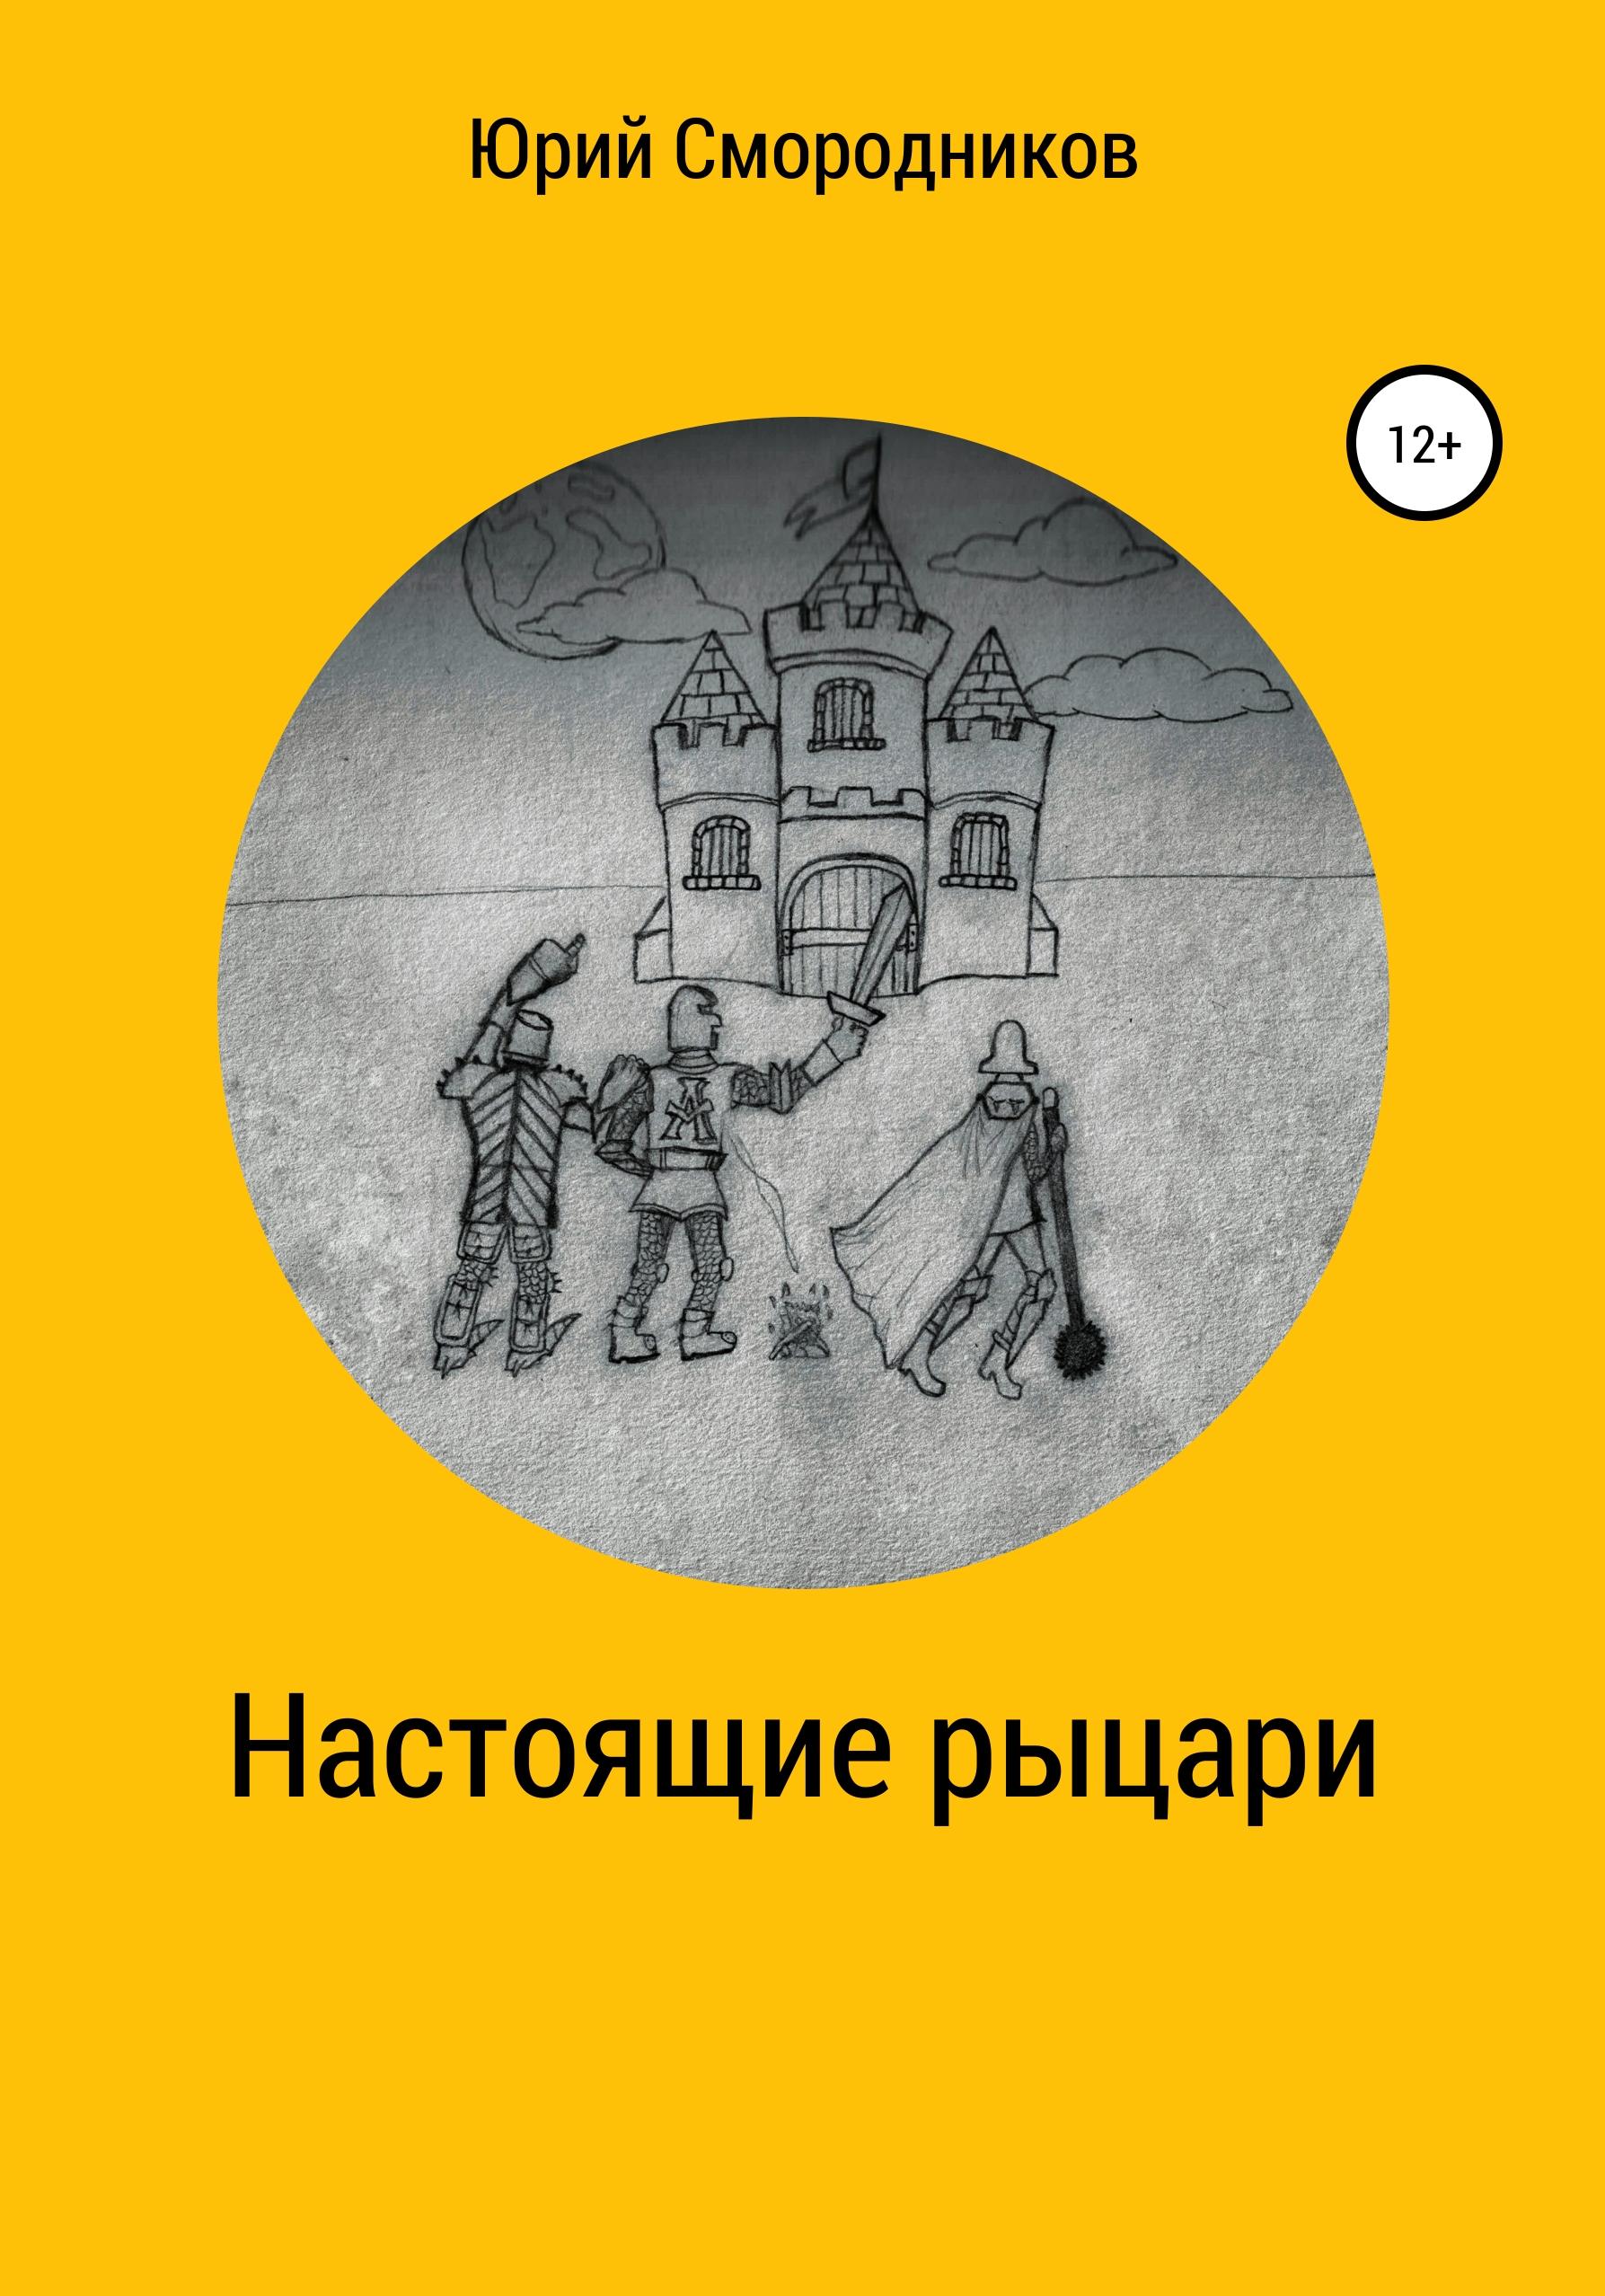 Юрий Смородников - Настоящие рыцари